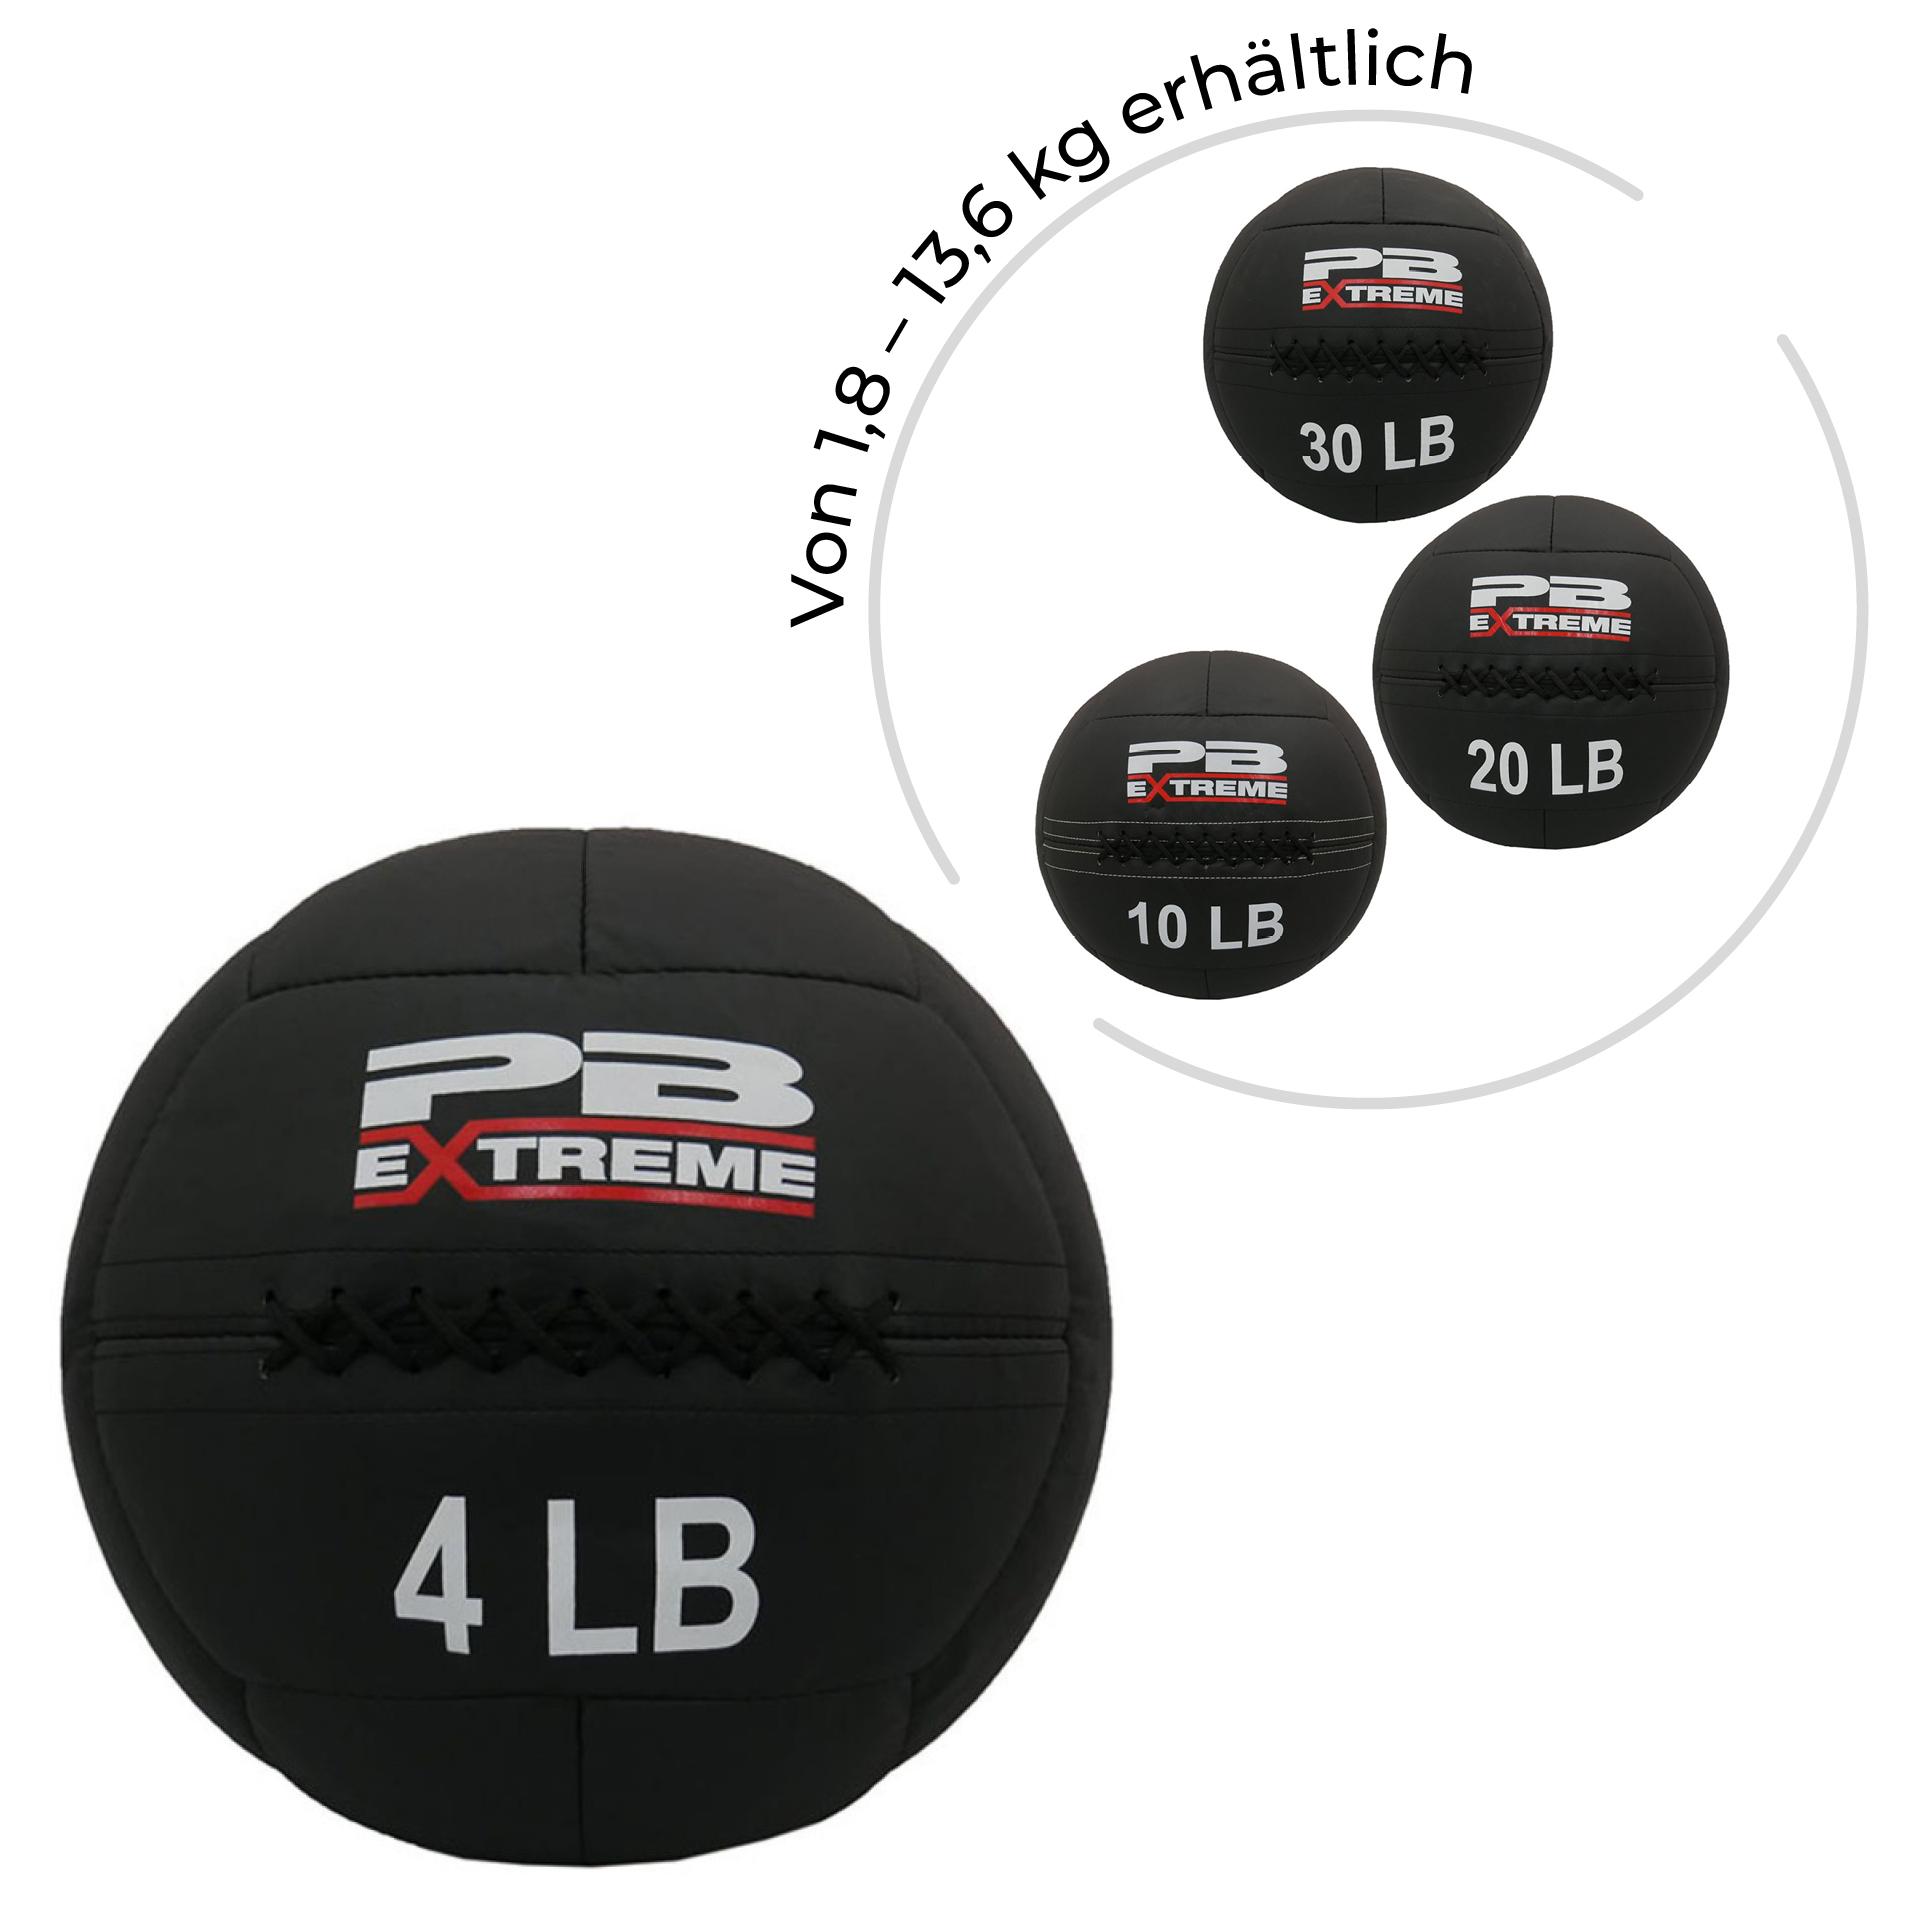 PB Extreme Soft Elite Medizinbälle - schwarz 4 lbs (1,81 kg)